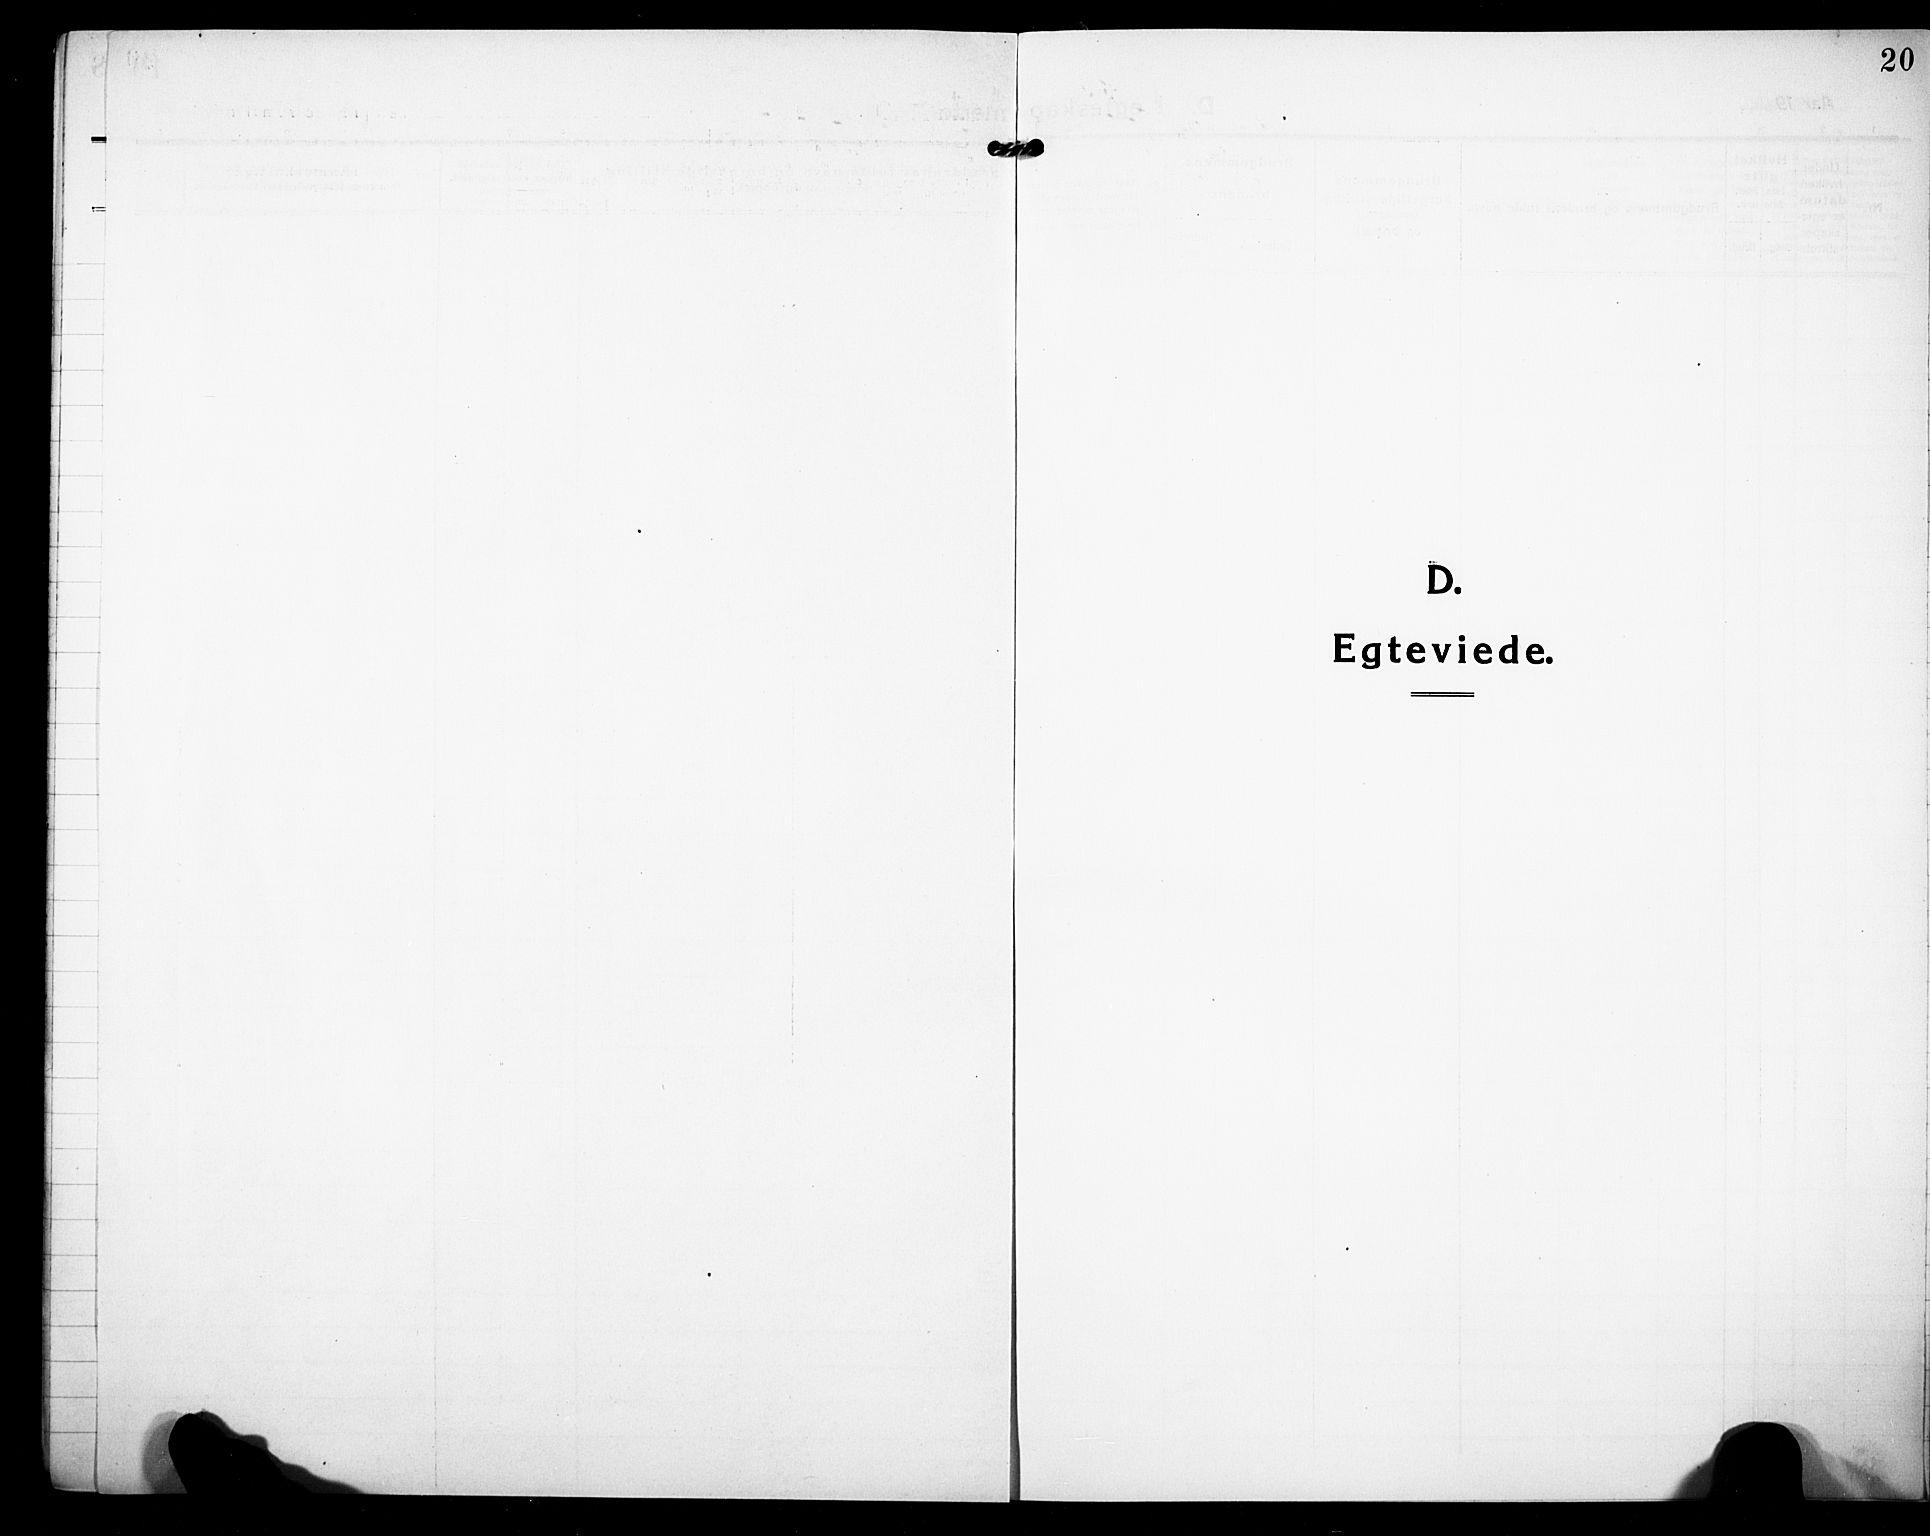 SAKO, Sandefjord kirkebøker, F/Fa/L0006: Ministerialbok nr. 6, 1915-1930, s. 20